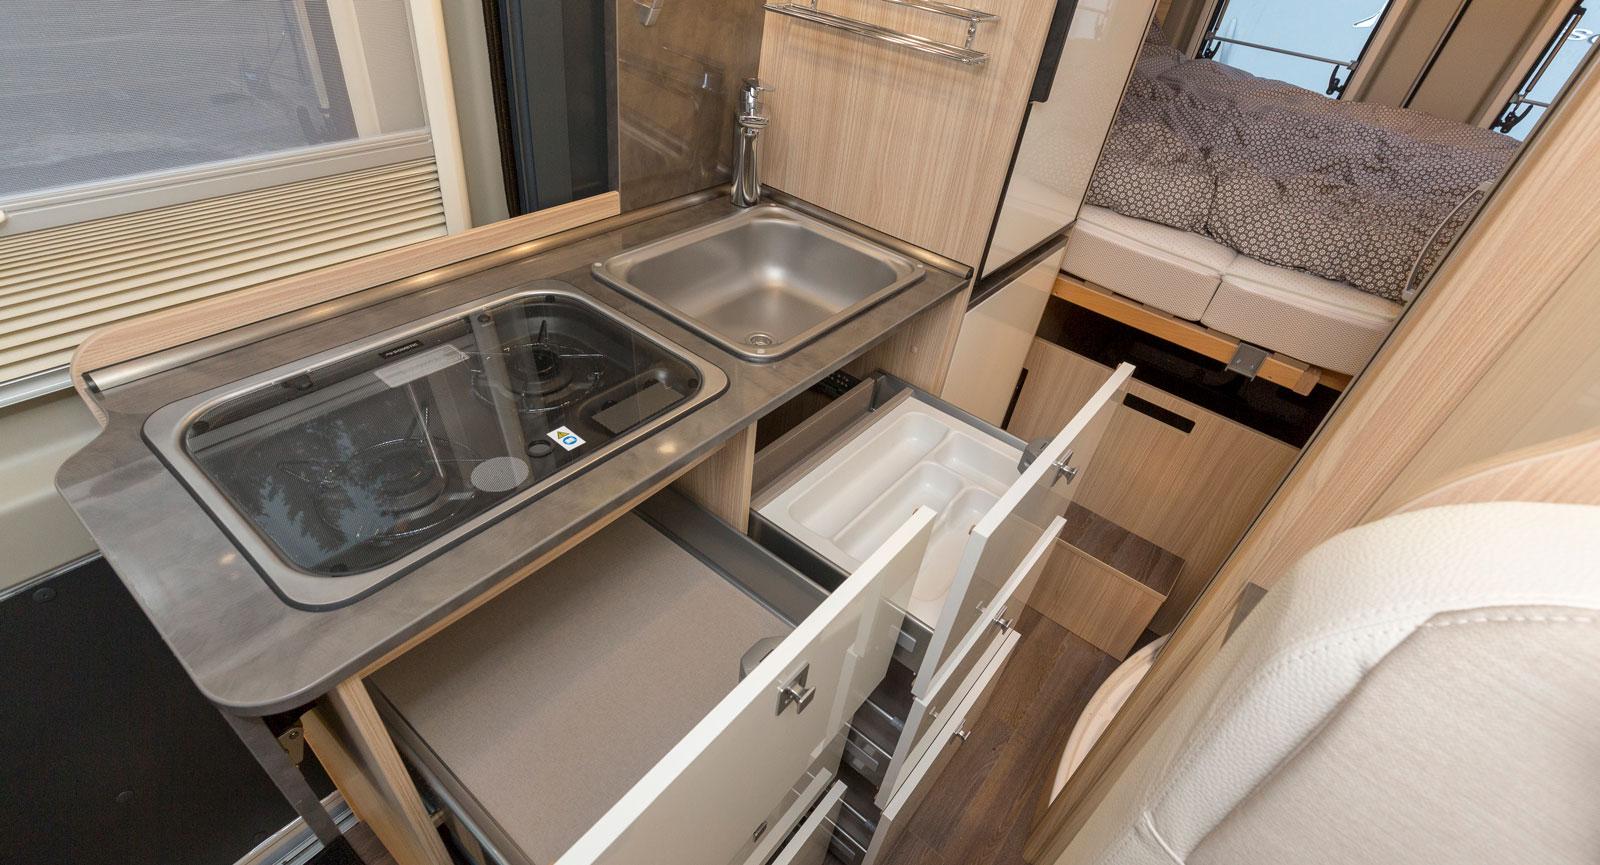 Välutrustat kök med många lådor och kylskåp i rätt höjd.